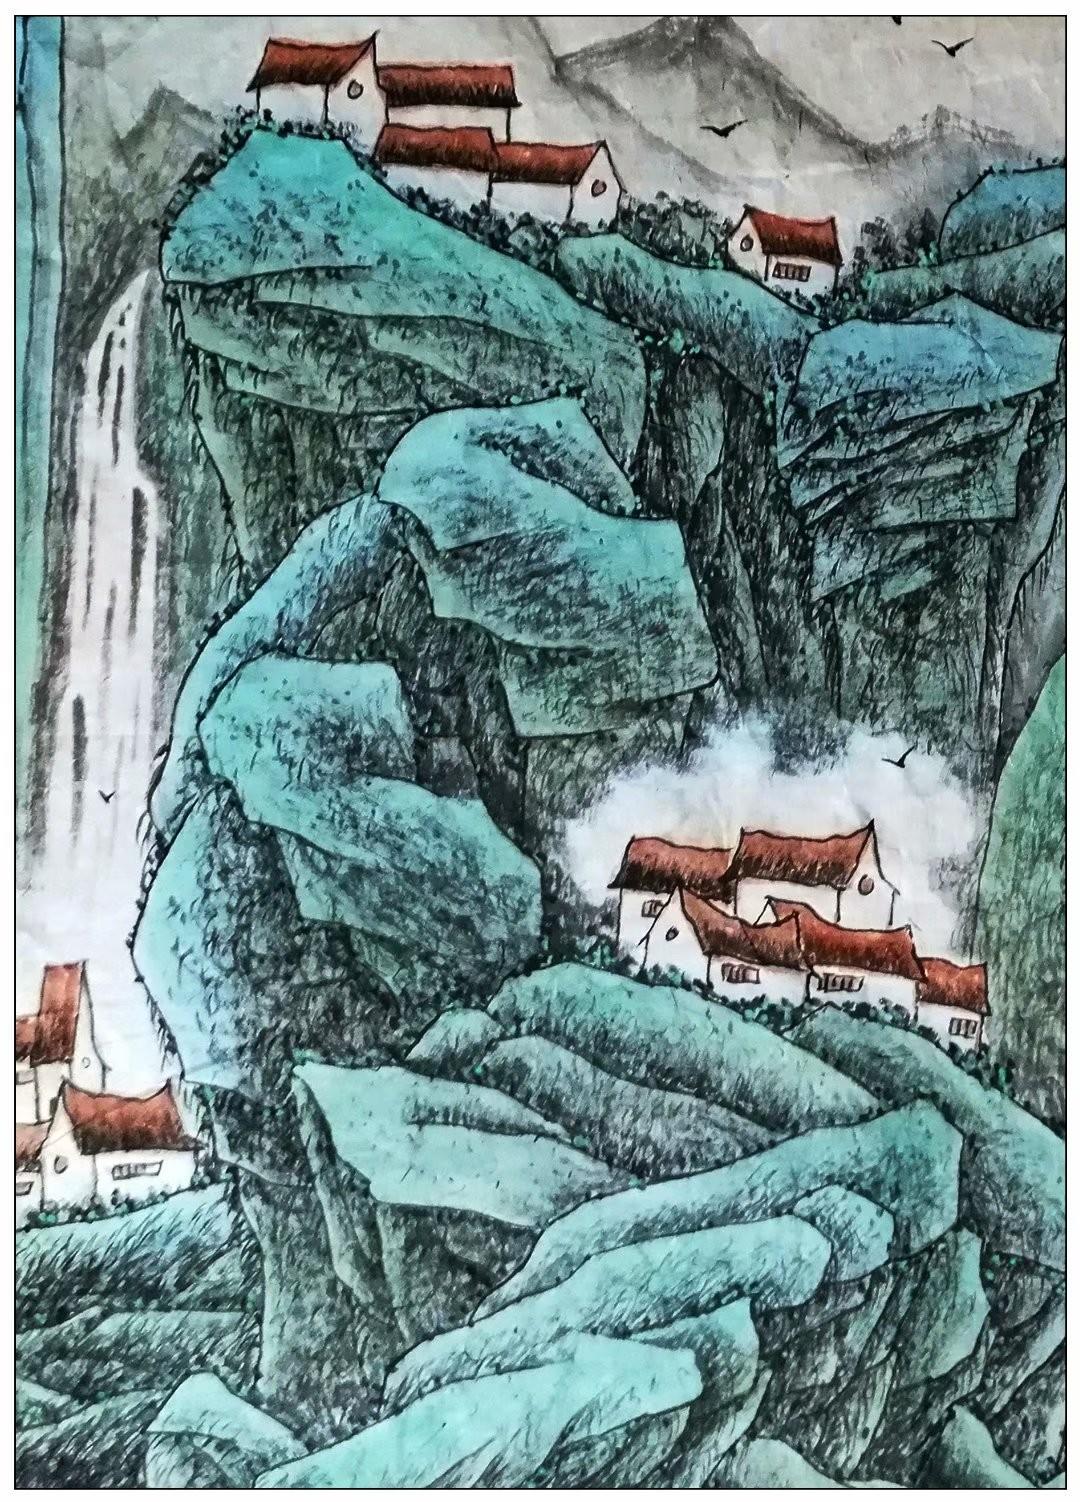 牛志高山水画_图1-2